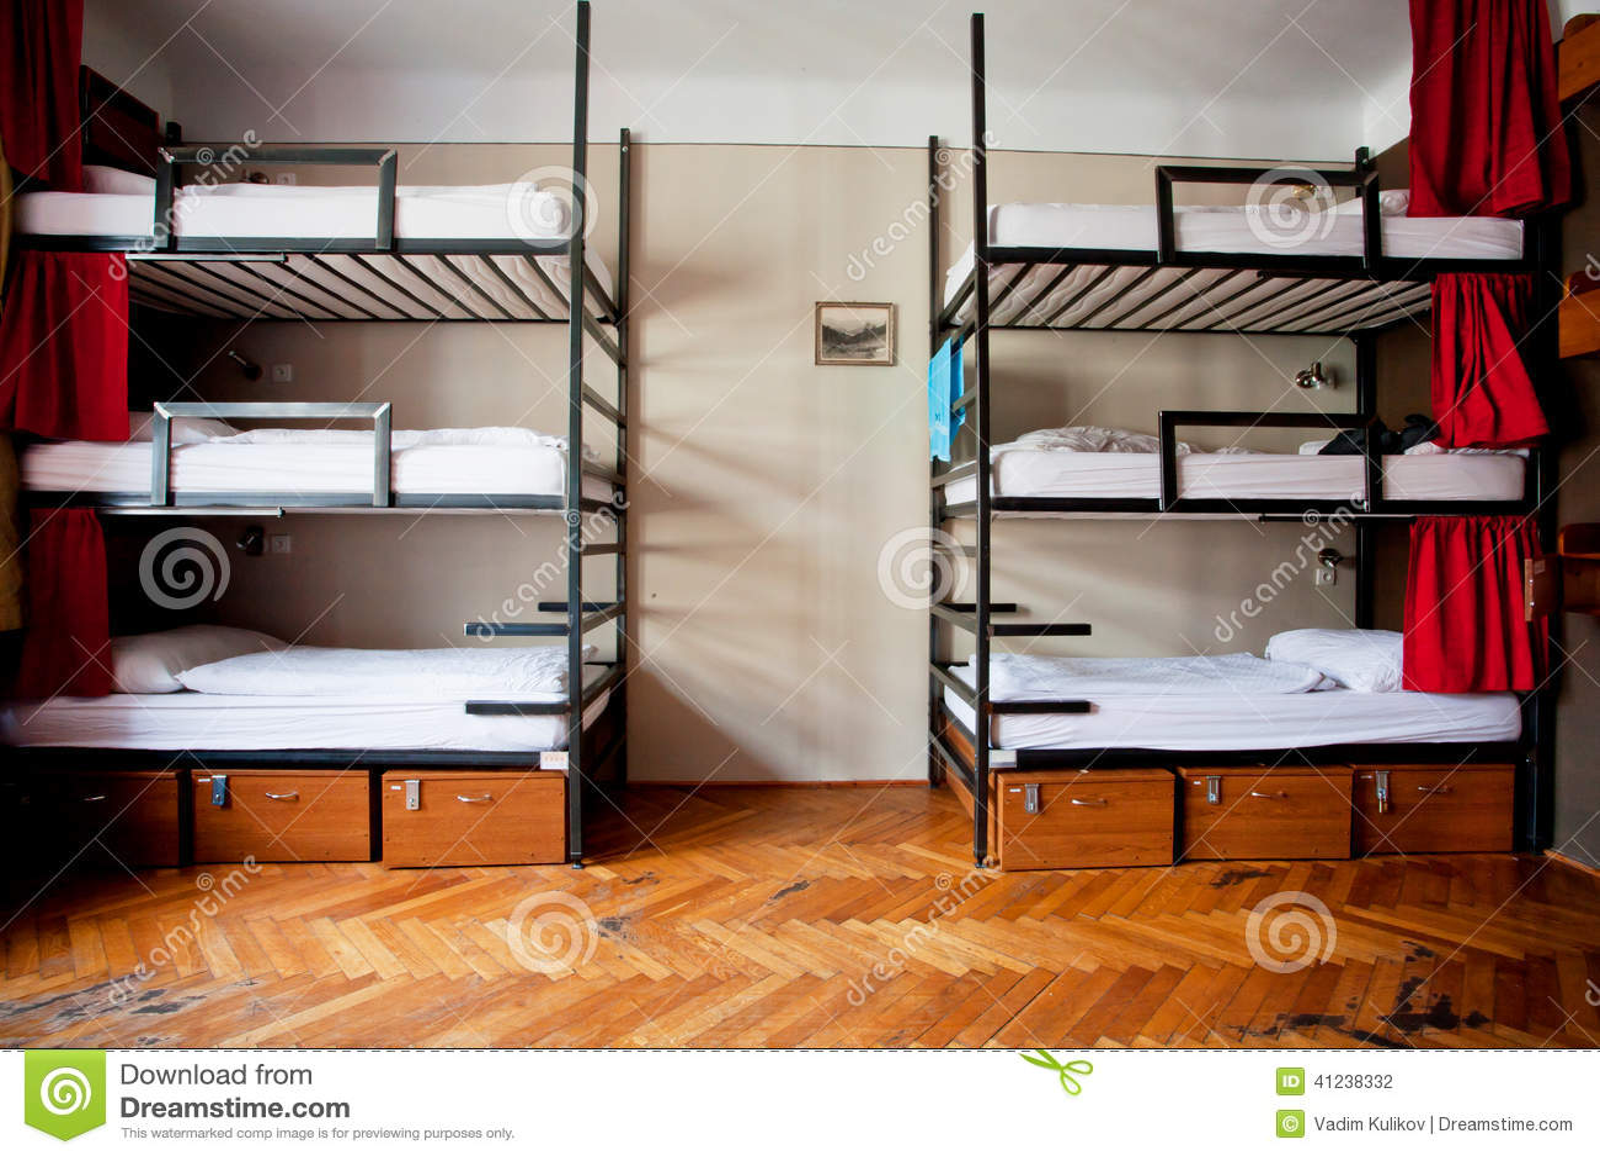 Camas de tres niveles del dormitorio dentro del cuarto del for Dormitorios juveniles de tres camas